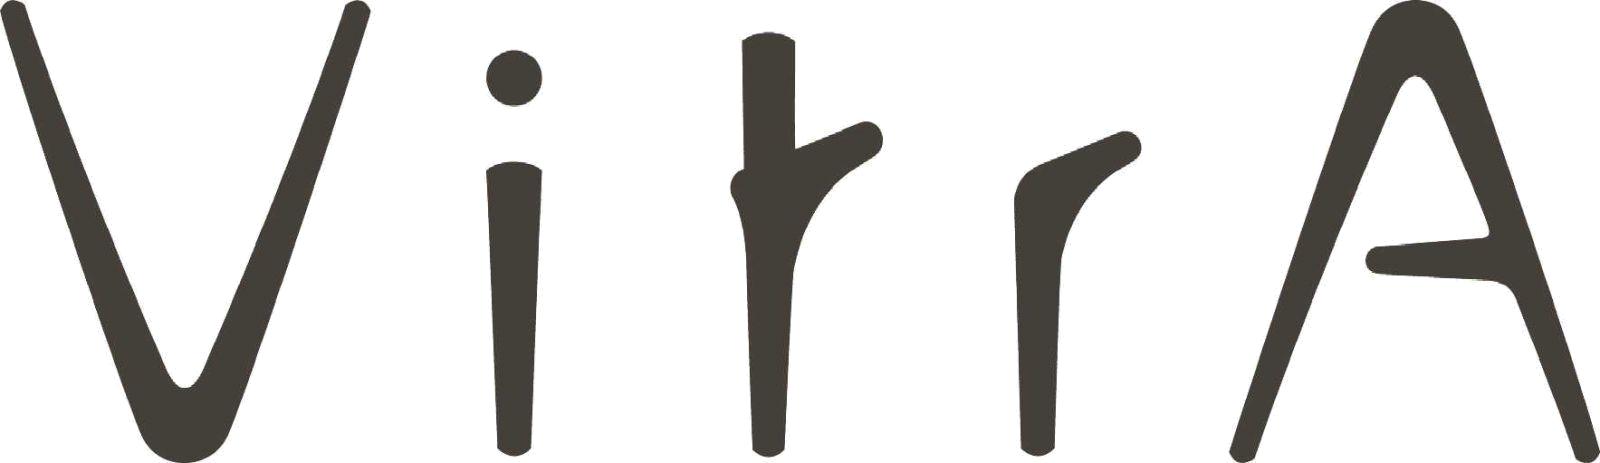 Купить угловую акриловую ванну Vitra (Витра) Concept (Концепт) 150*150 в интернет-магазине сантехники RoyalSan.ru